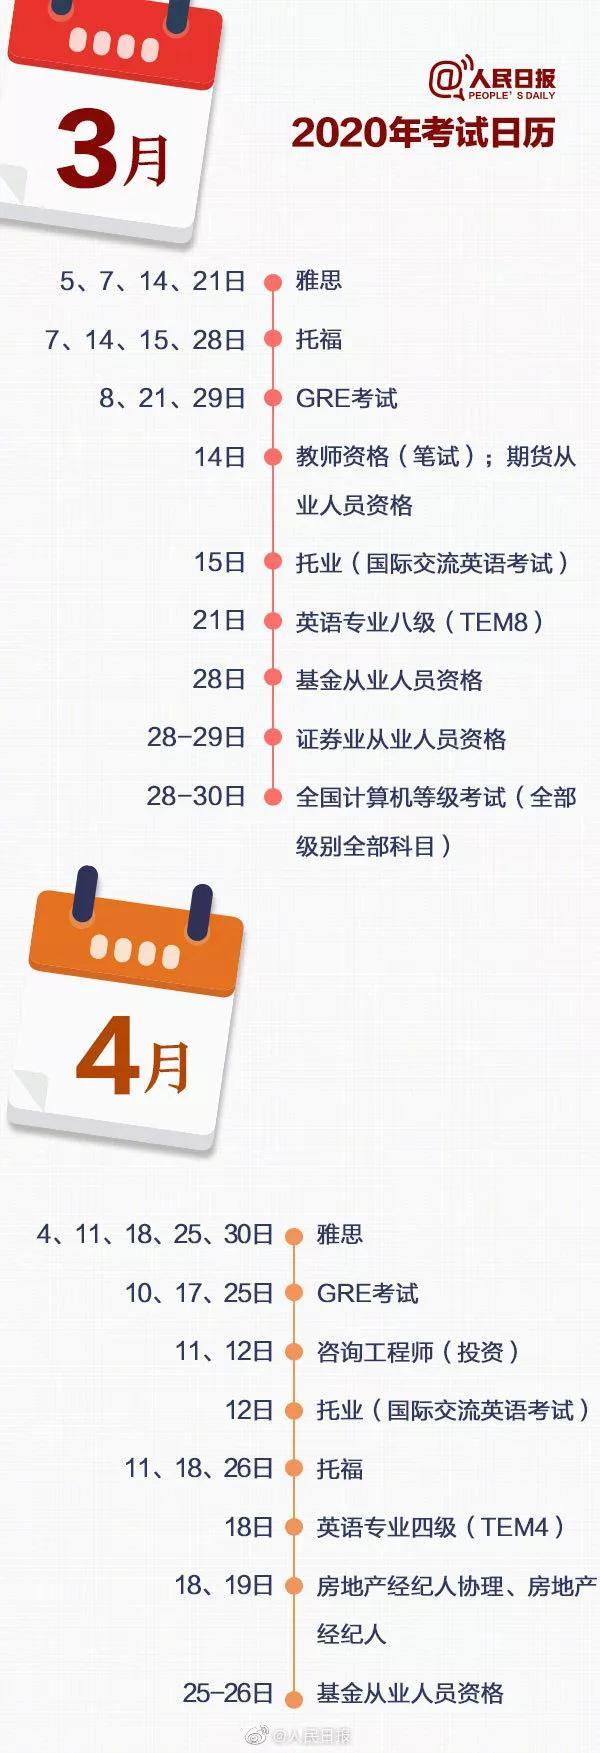 人民日报微博发布2020年考试日历「收藏」